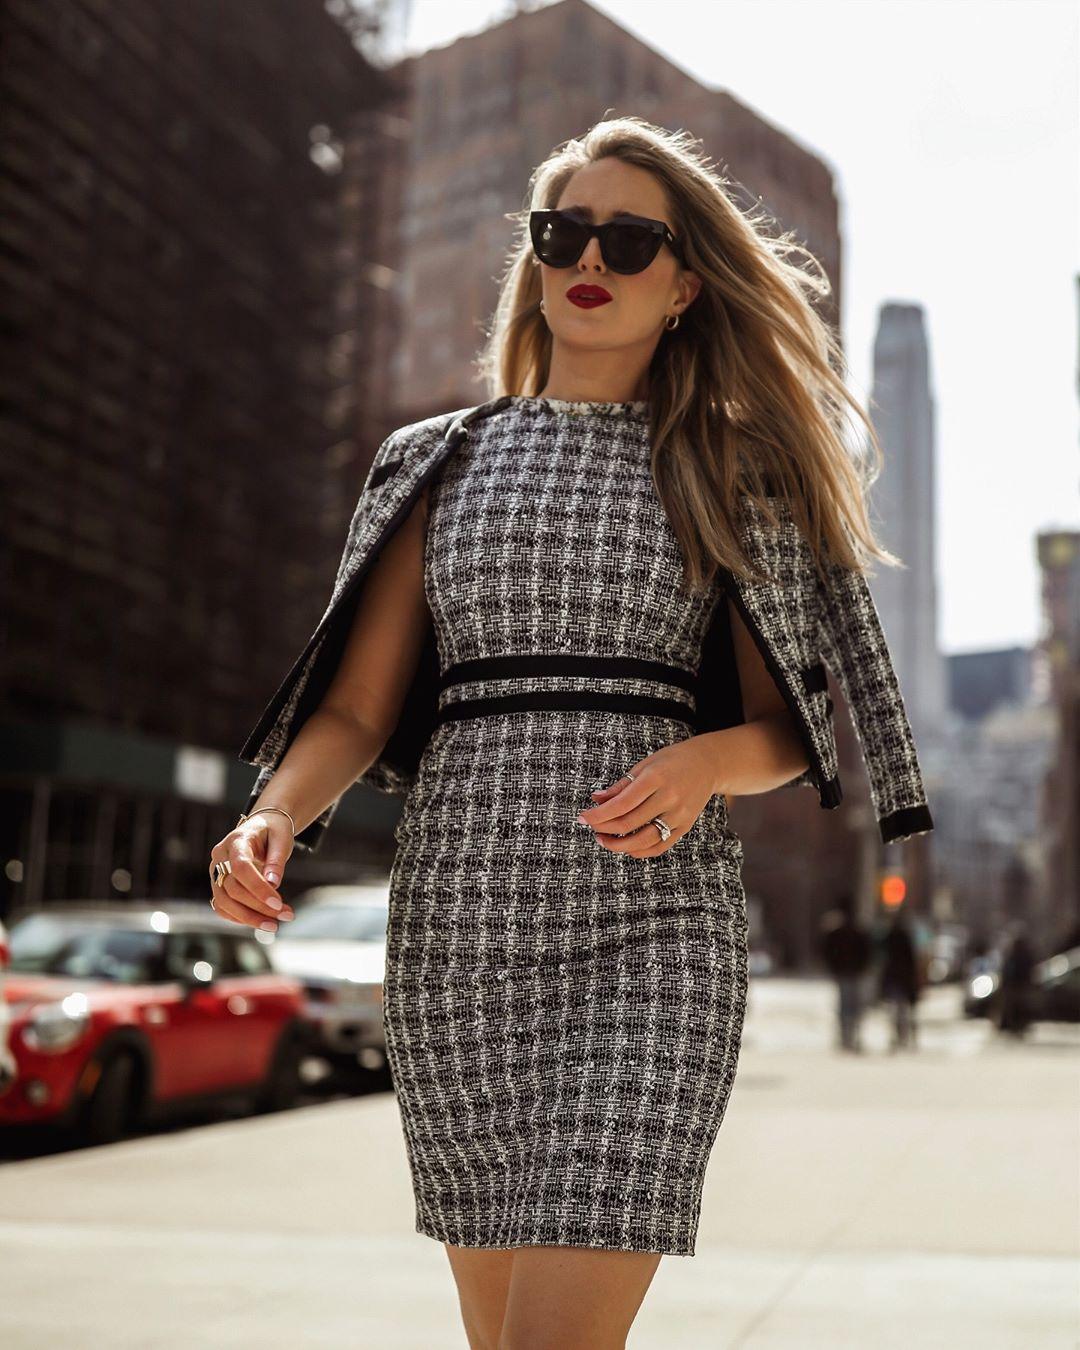 стиль Коко Шанель 2020 фото 10